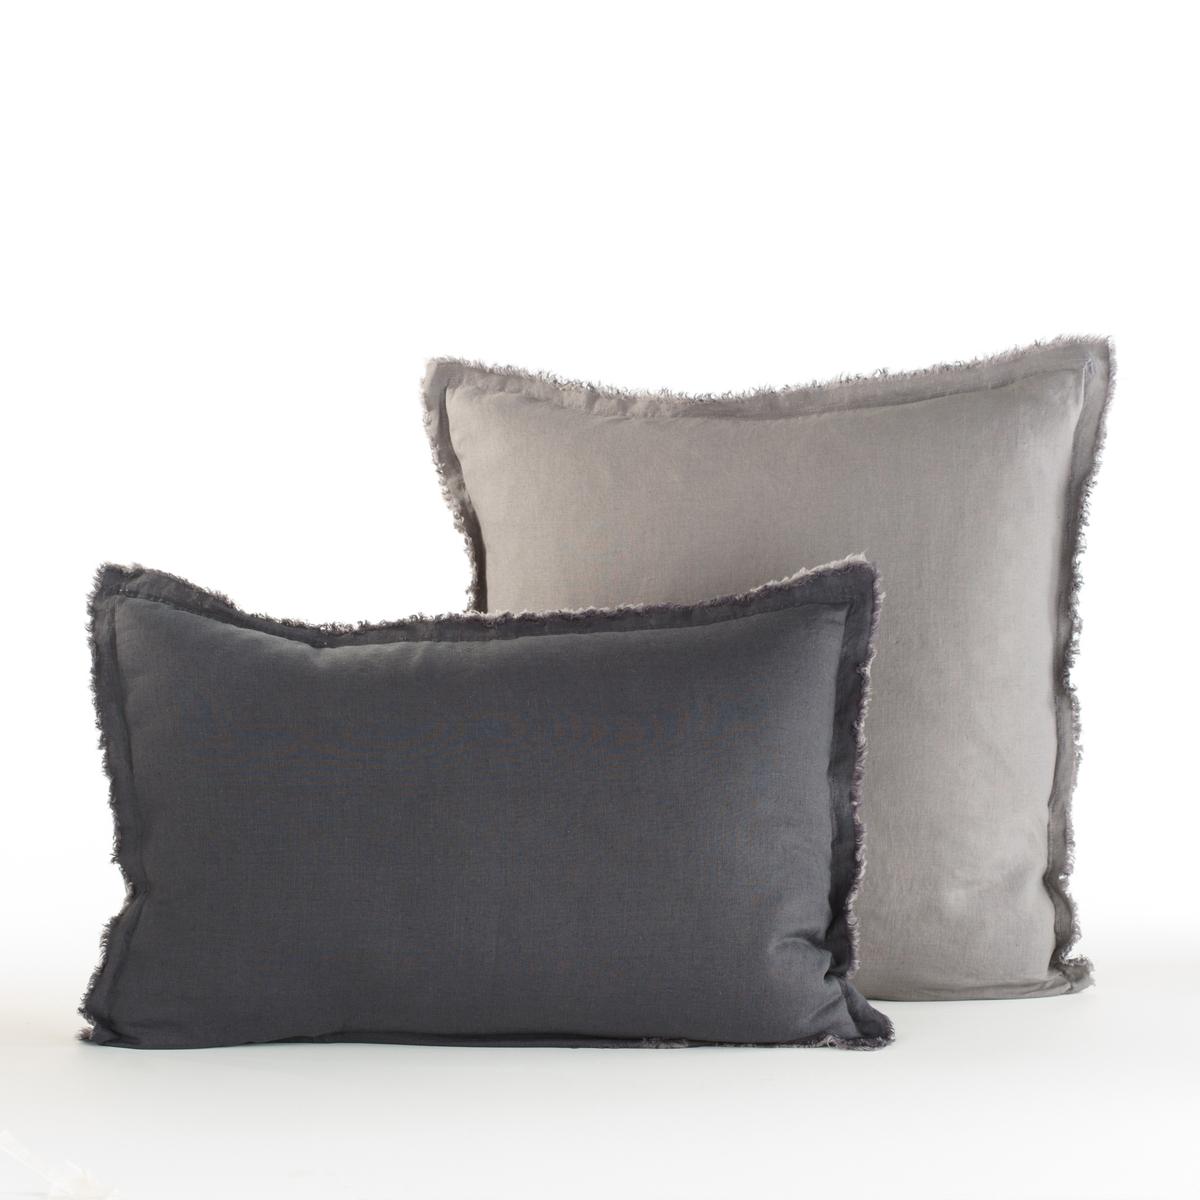 Наволочка PurangiНаволочка Purangi :  уникальное сочетание аутентичности, комфорта и элегантности, тонкий стиранный лен, прохладный летом, теплый зимой...Материал :- 100% лен.Отделка :   - Бахрома- Форма мешка.Уход :   Машинная стирка при 60 °С. Размеры :50 x 70 см : прямоугольная наволочка - 65 x 65 см : квадратная наволочка<br><br>Цвет: желтый лимонный,светло-синий,серый